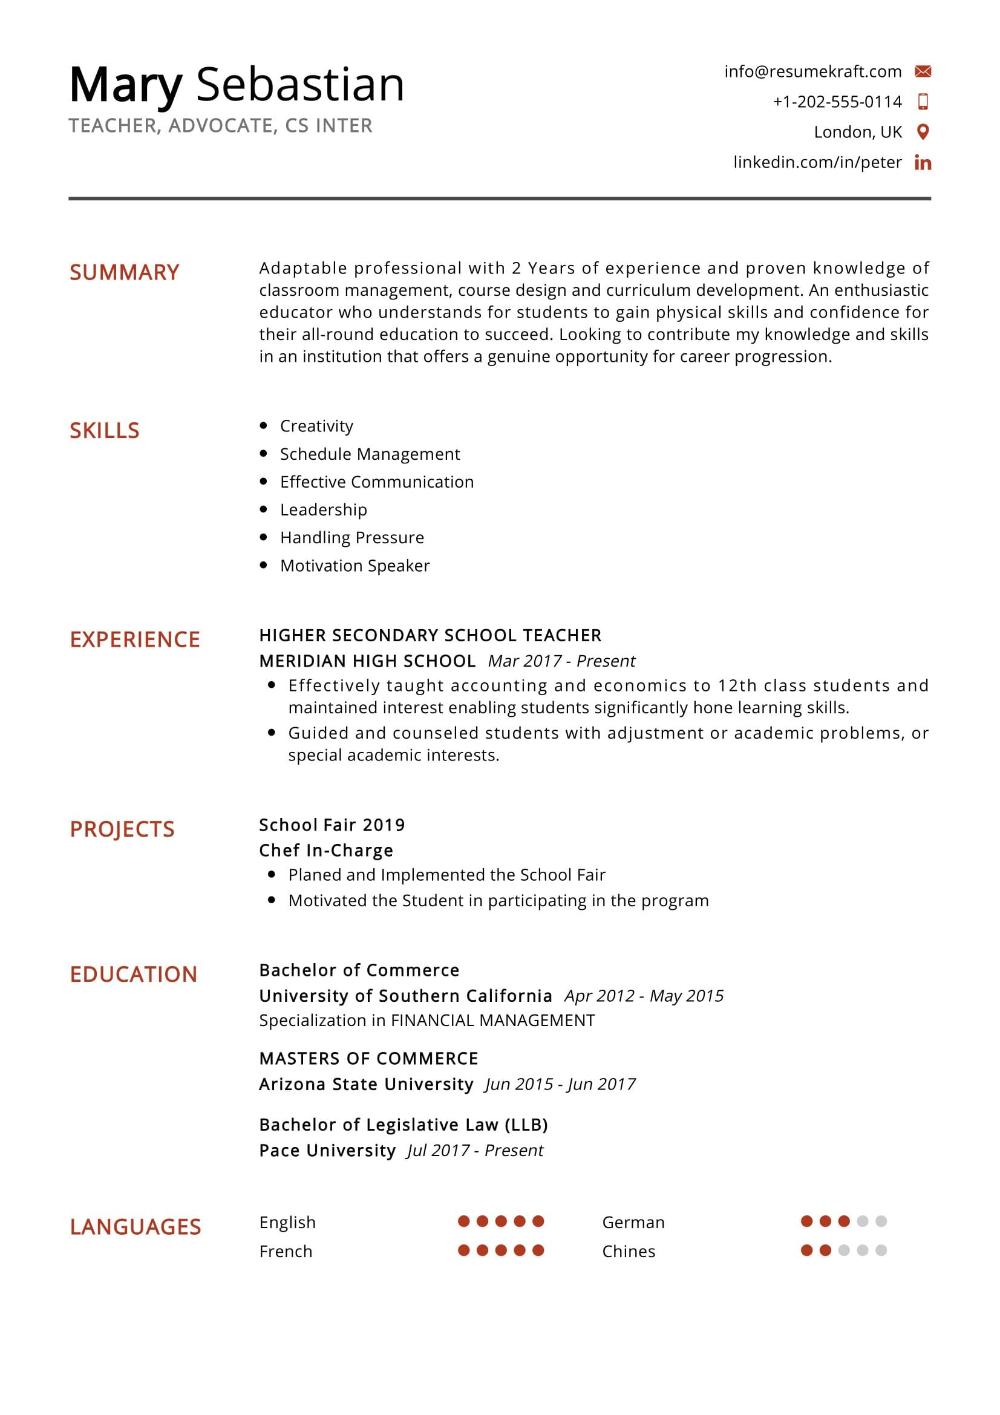 100 Professional Resume Samples For 2020 Resumekraft Teacher Resume Secondary School Teacher Student Resume Template